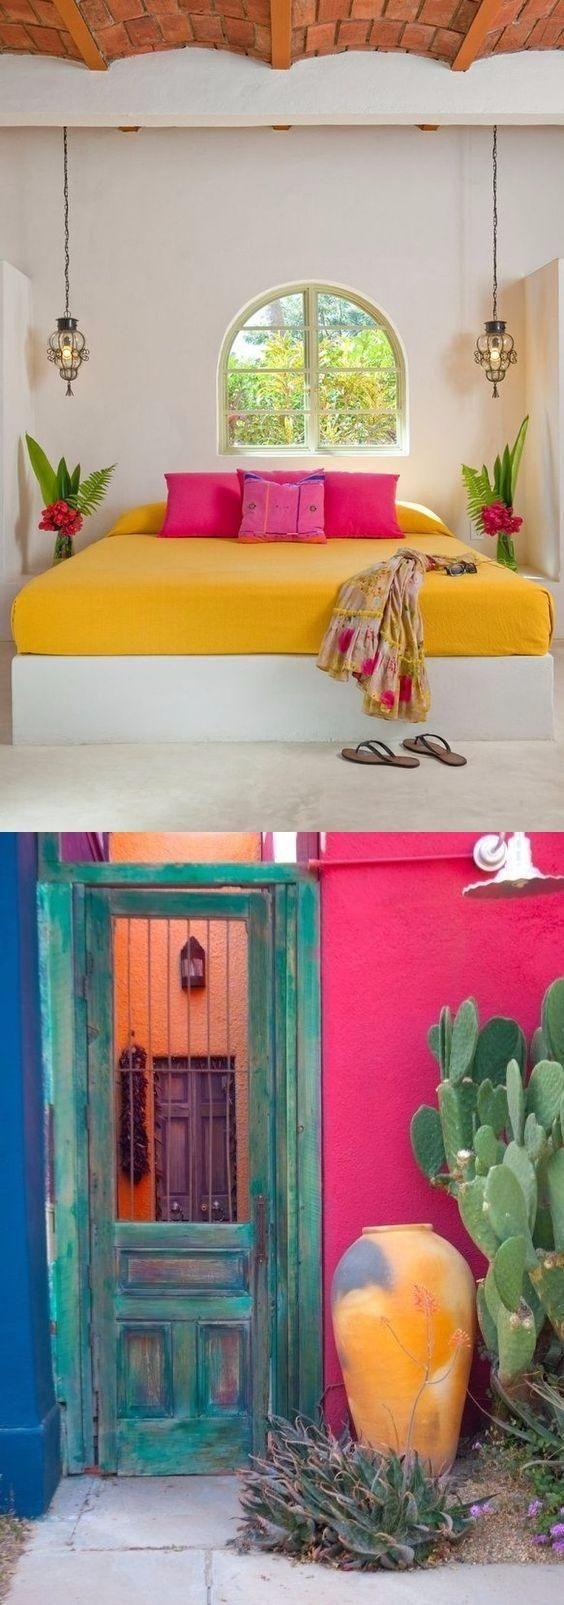 Linda decoración con estilo mexicano / https://barnandwillow.com ...